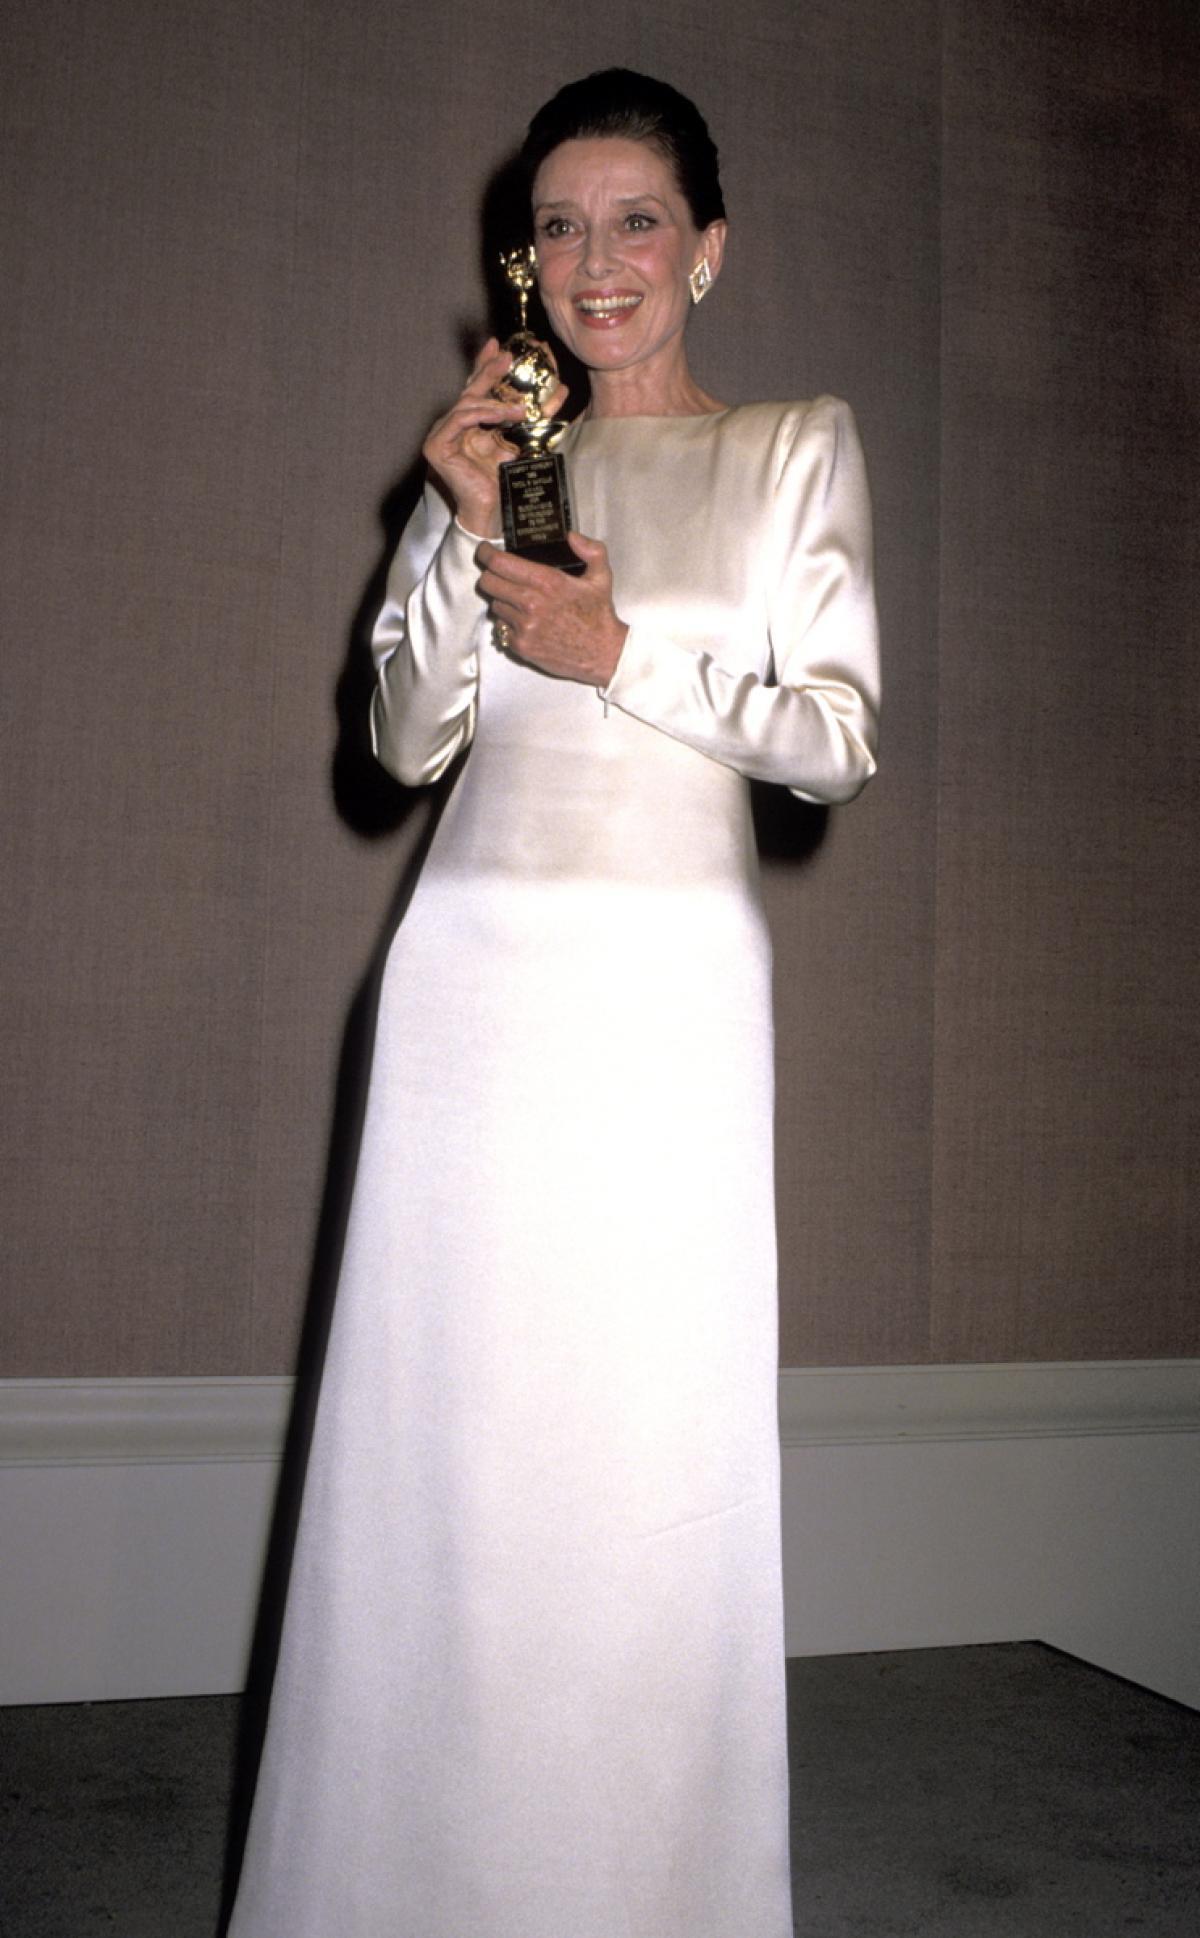 f1ab26787936 Audrey Hepburn  i migliori look al cinema e nella vita